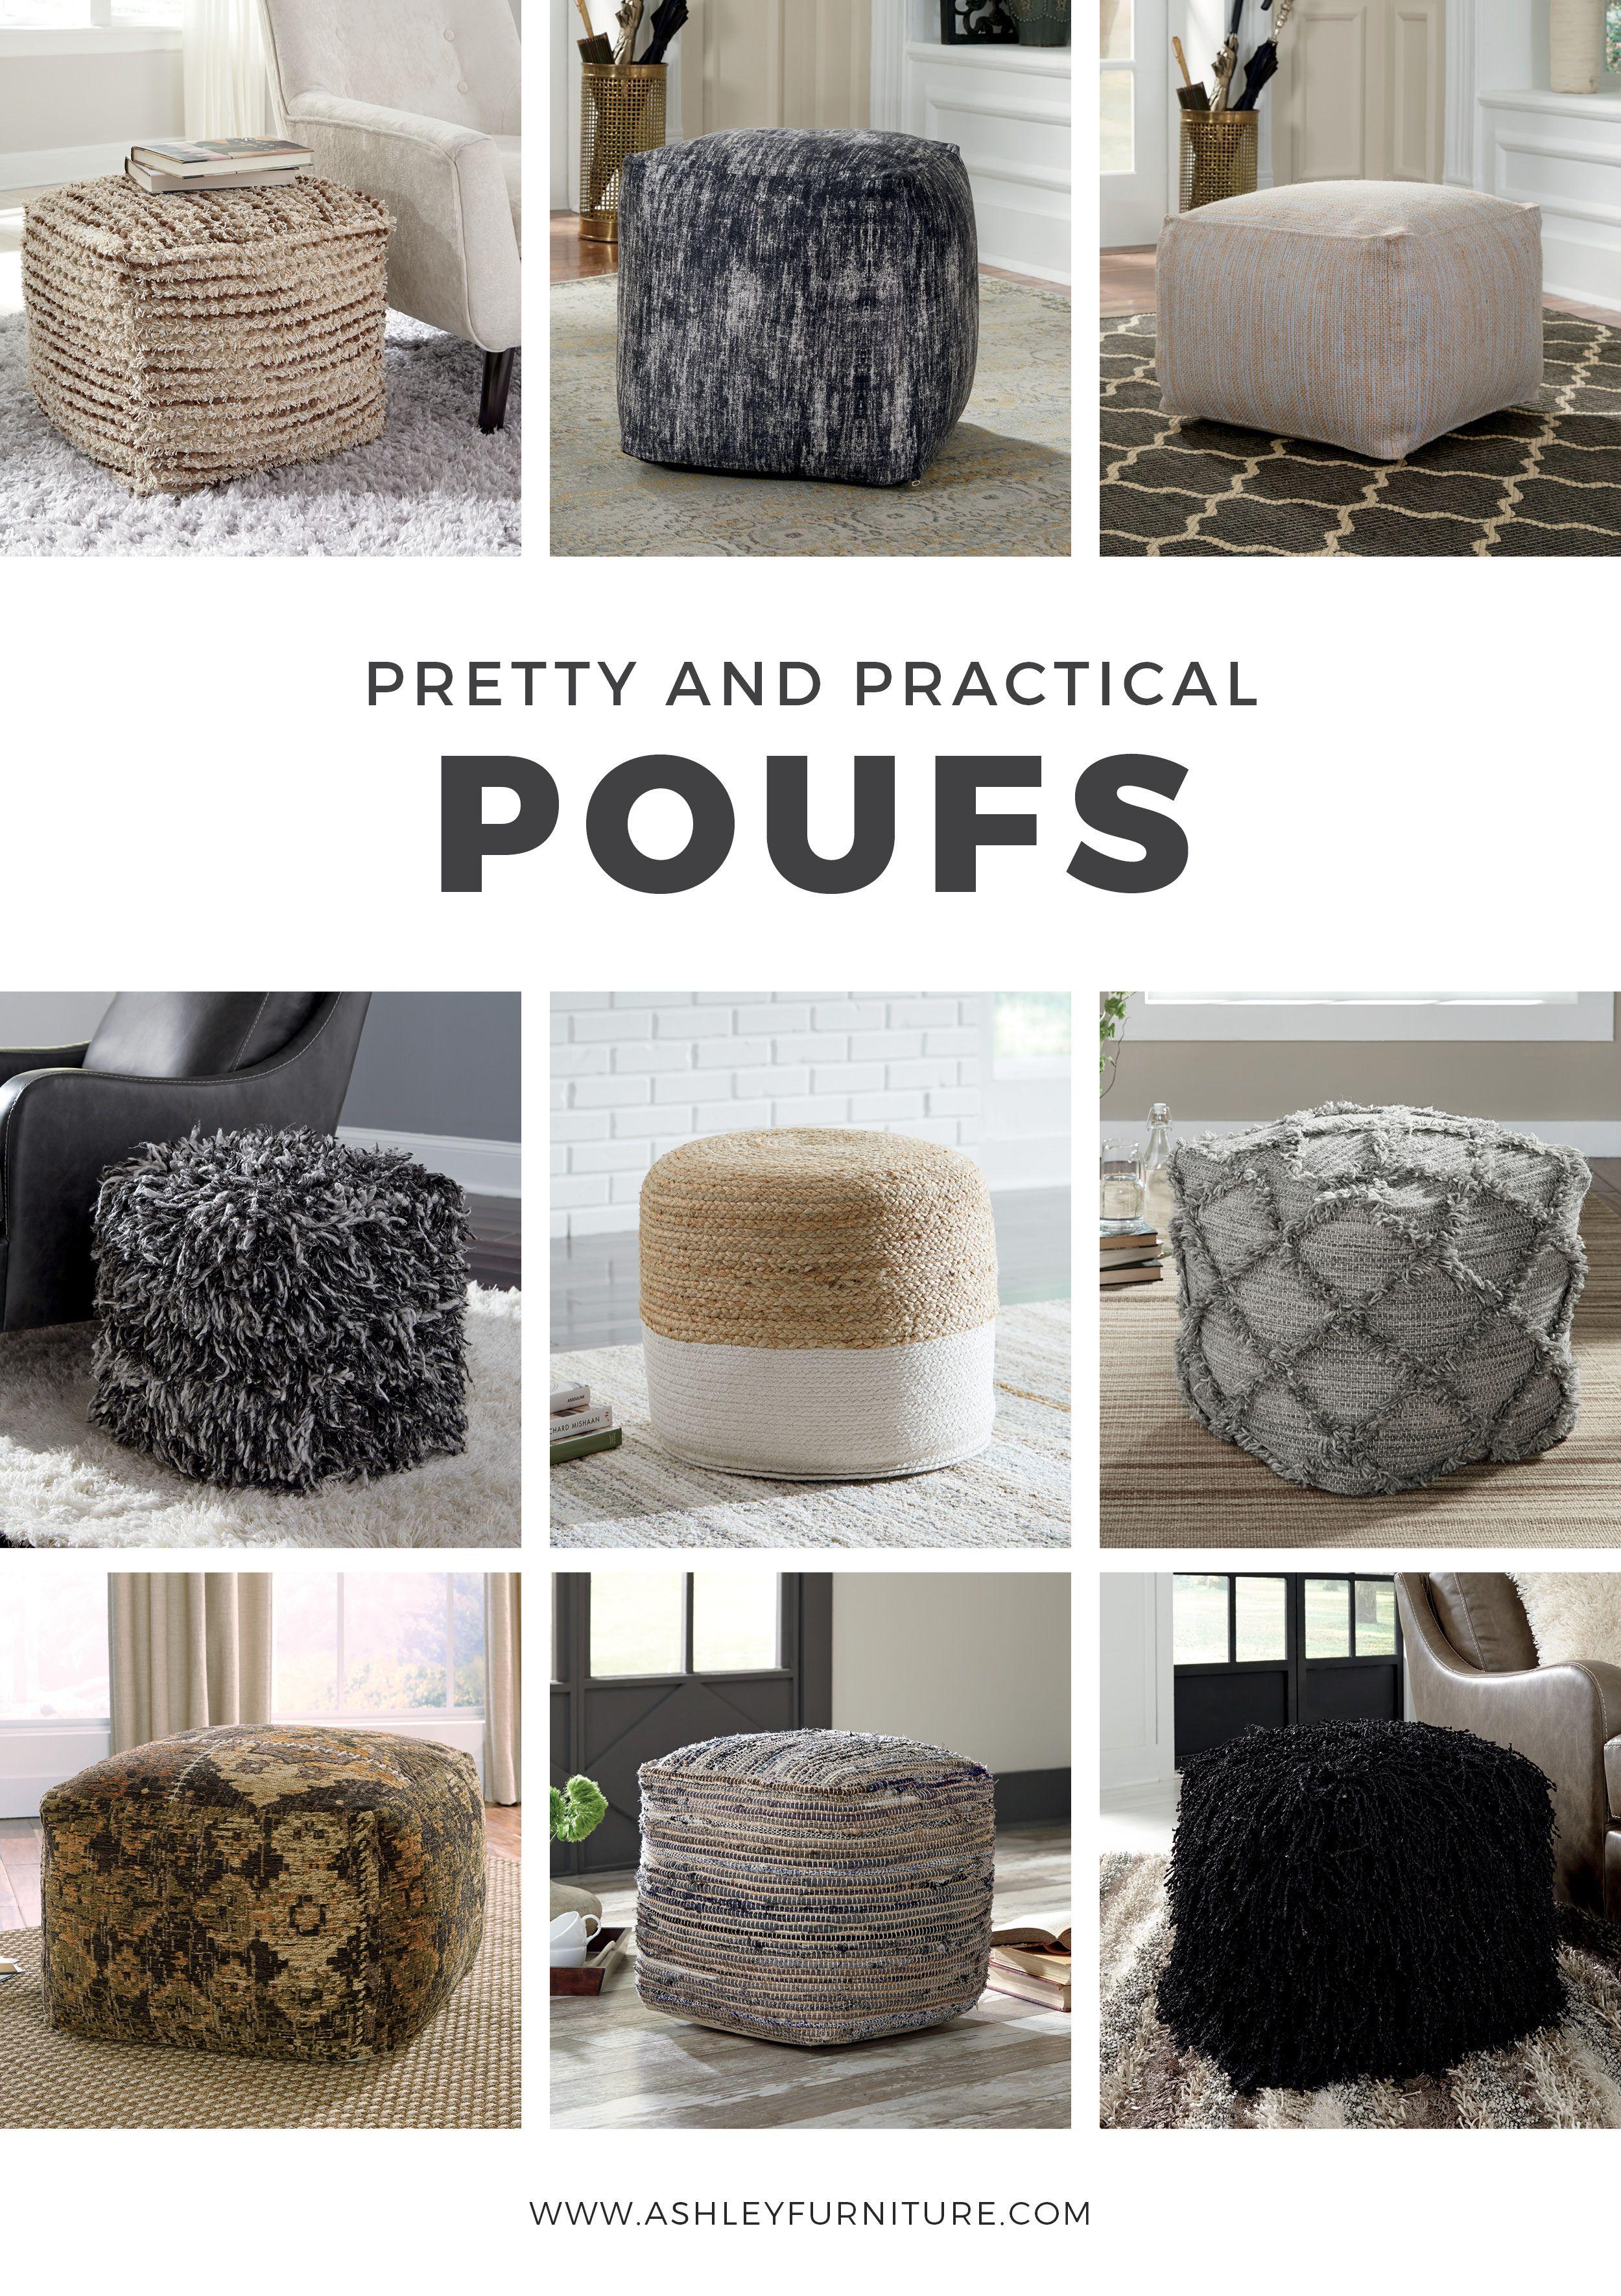 Pretty And Practical Poufs By Ashley Furniture Homedecor Pouf Poufs Ottoman Ottomans Ashleyfurniture Homeaccess Ashley Furniture Pouf Chair And A Half